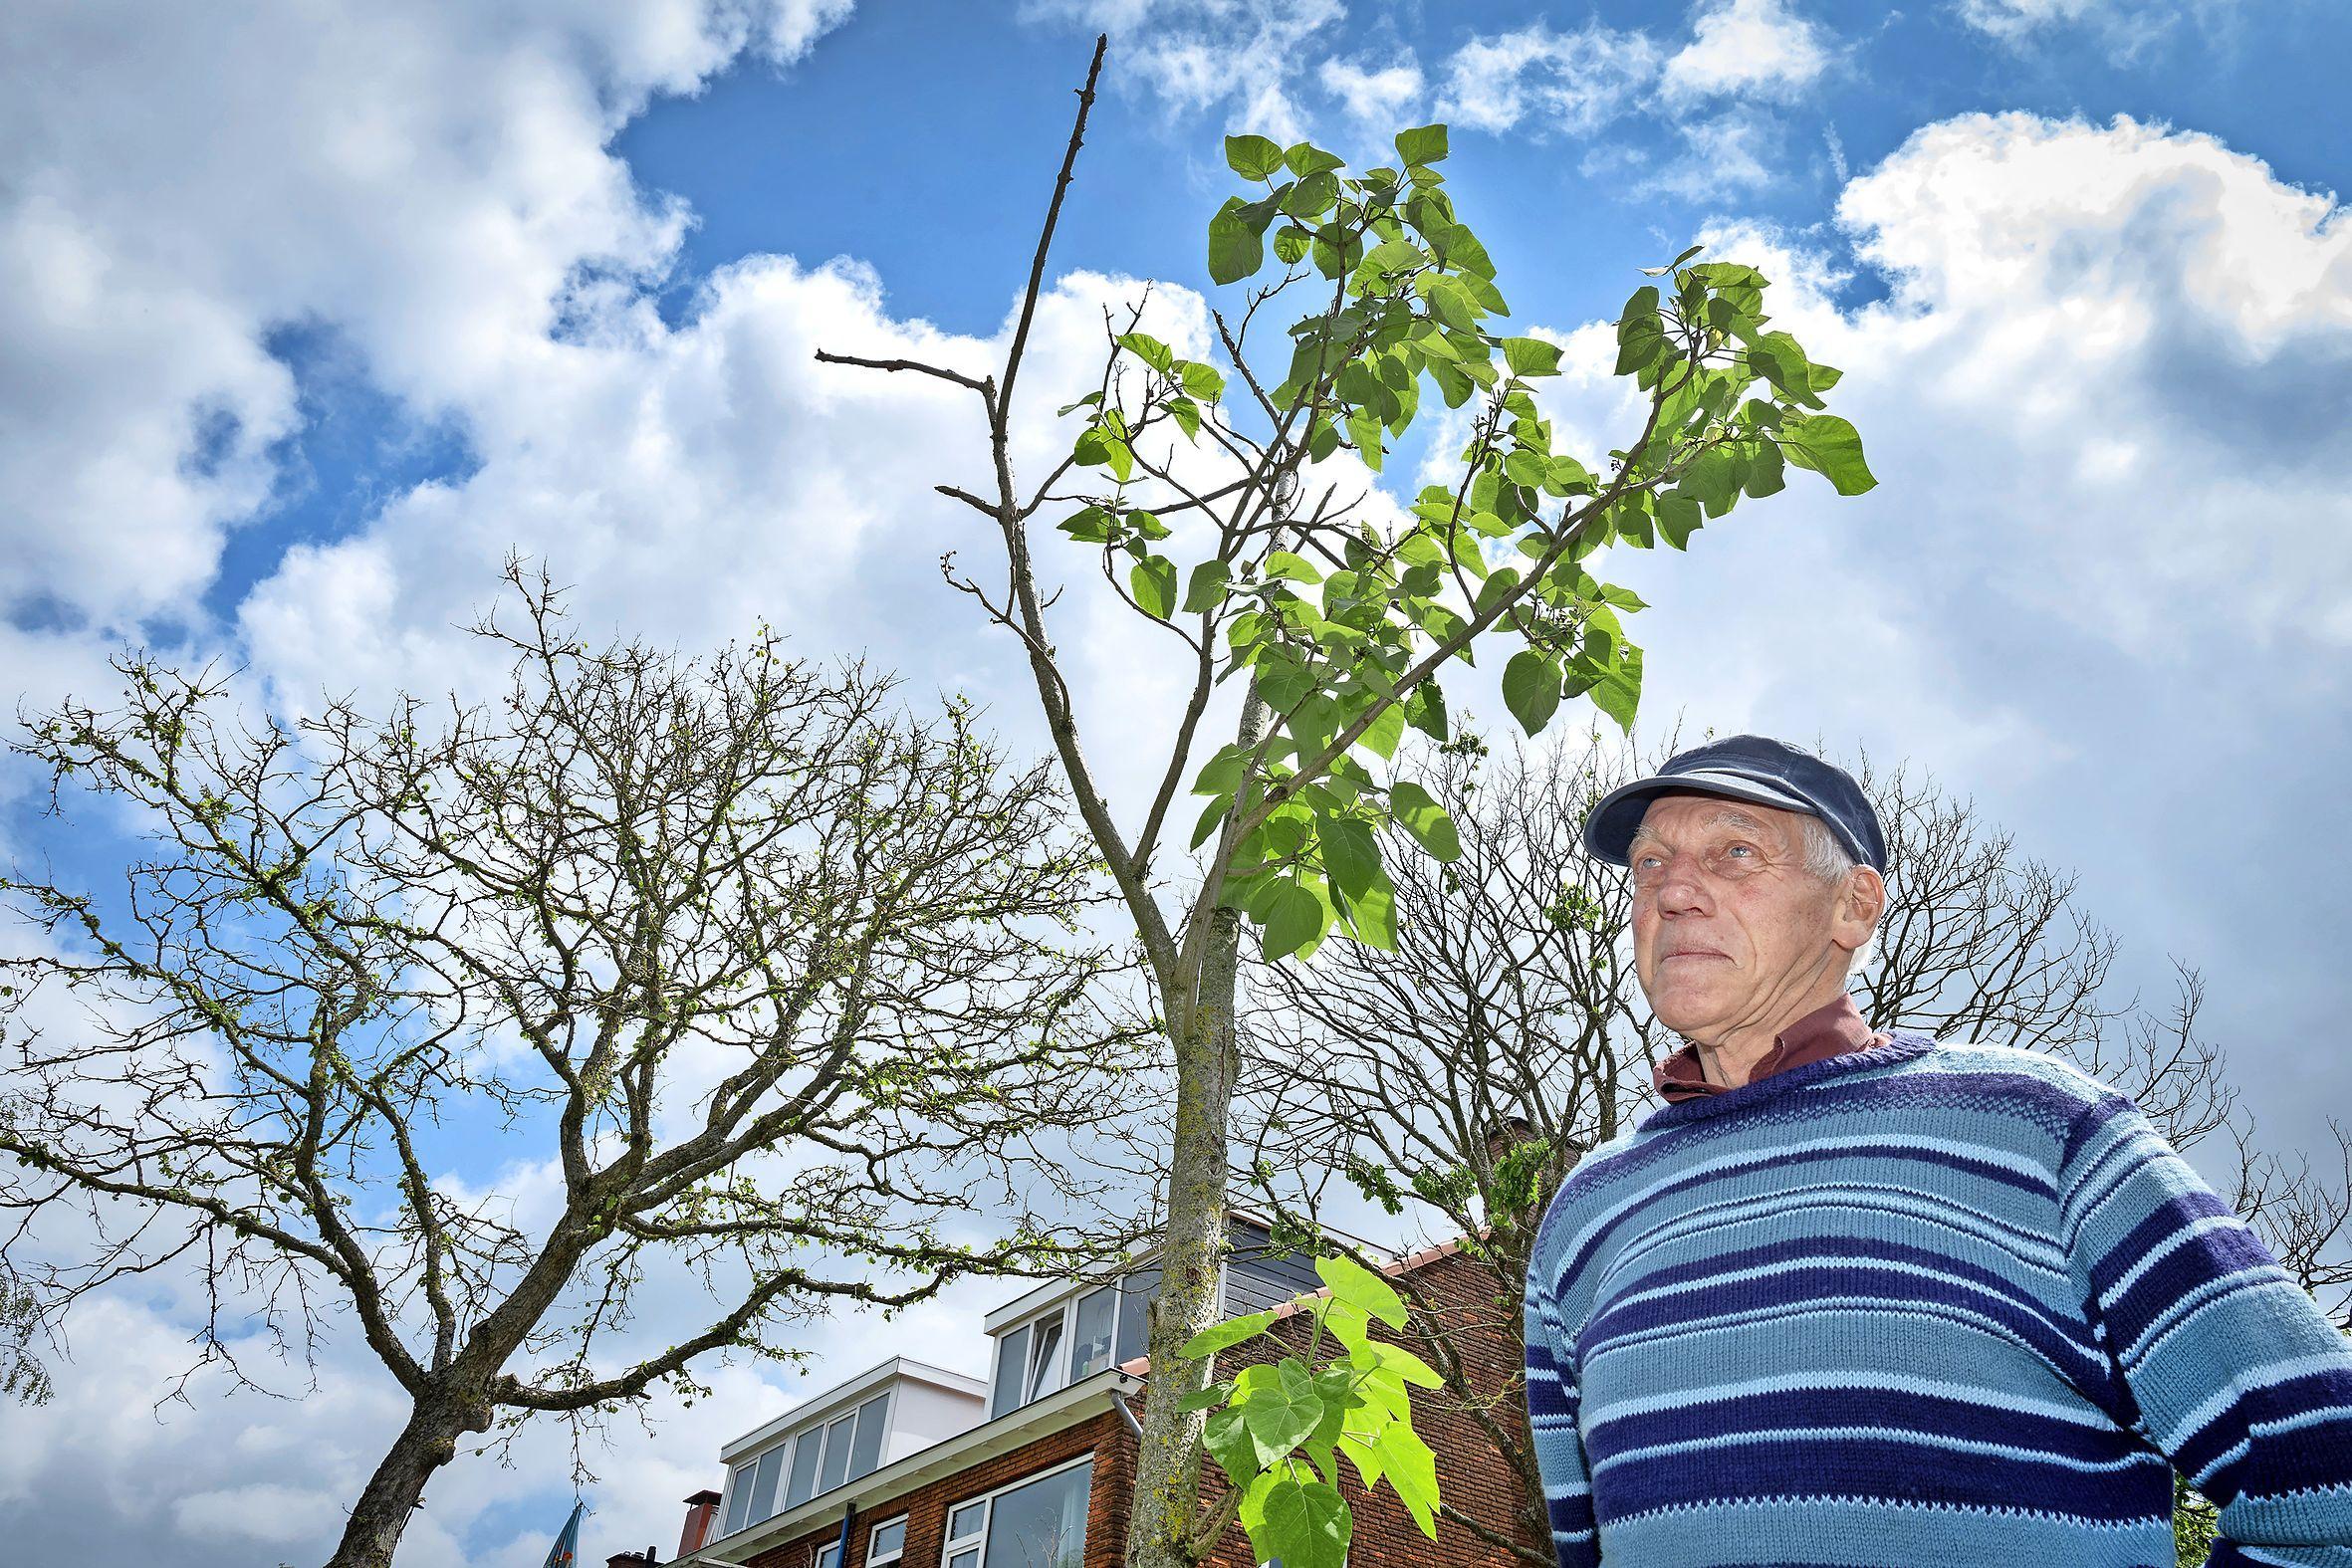 Haarlemmer telt zeker honderd dode bomen in Noord en het centrum. Herplant kan jaren duren. 'Het ziet er armoedig uit'